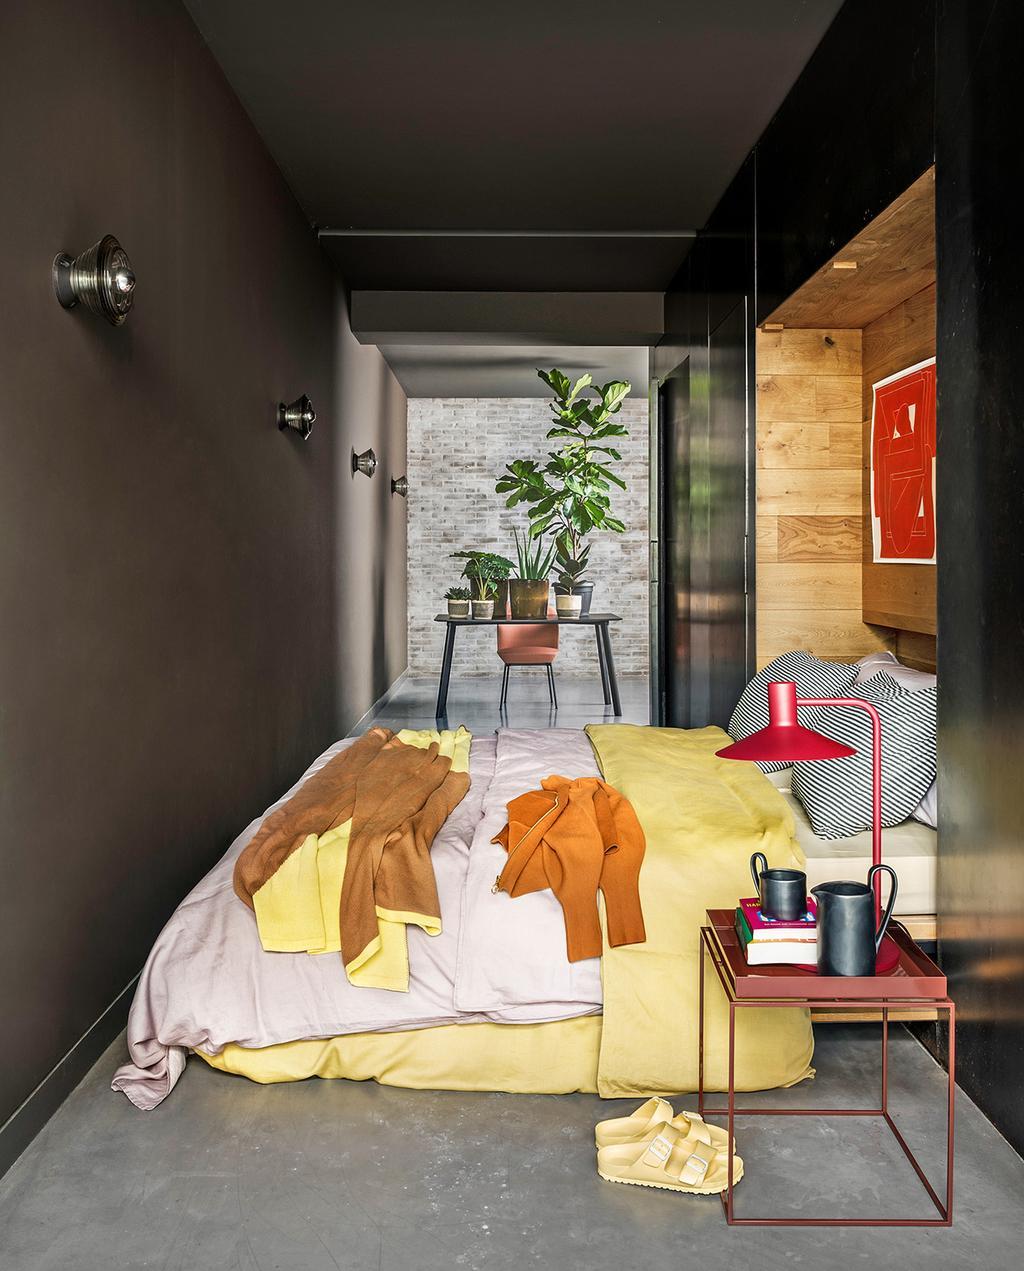 vtwonen 04-2021 | smalle slaapkamer met geel dekbedovertrek en bureau